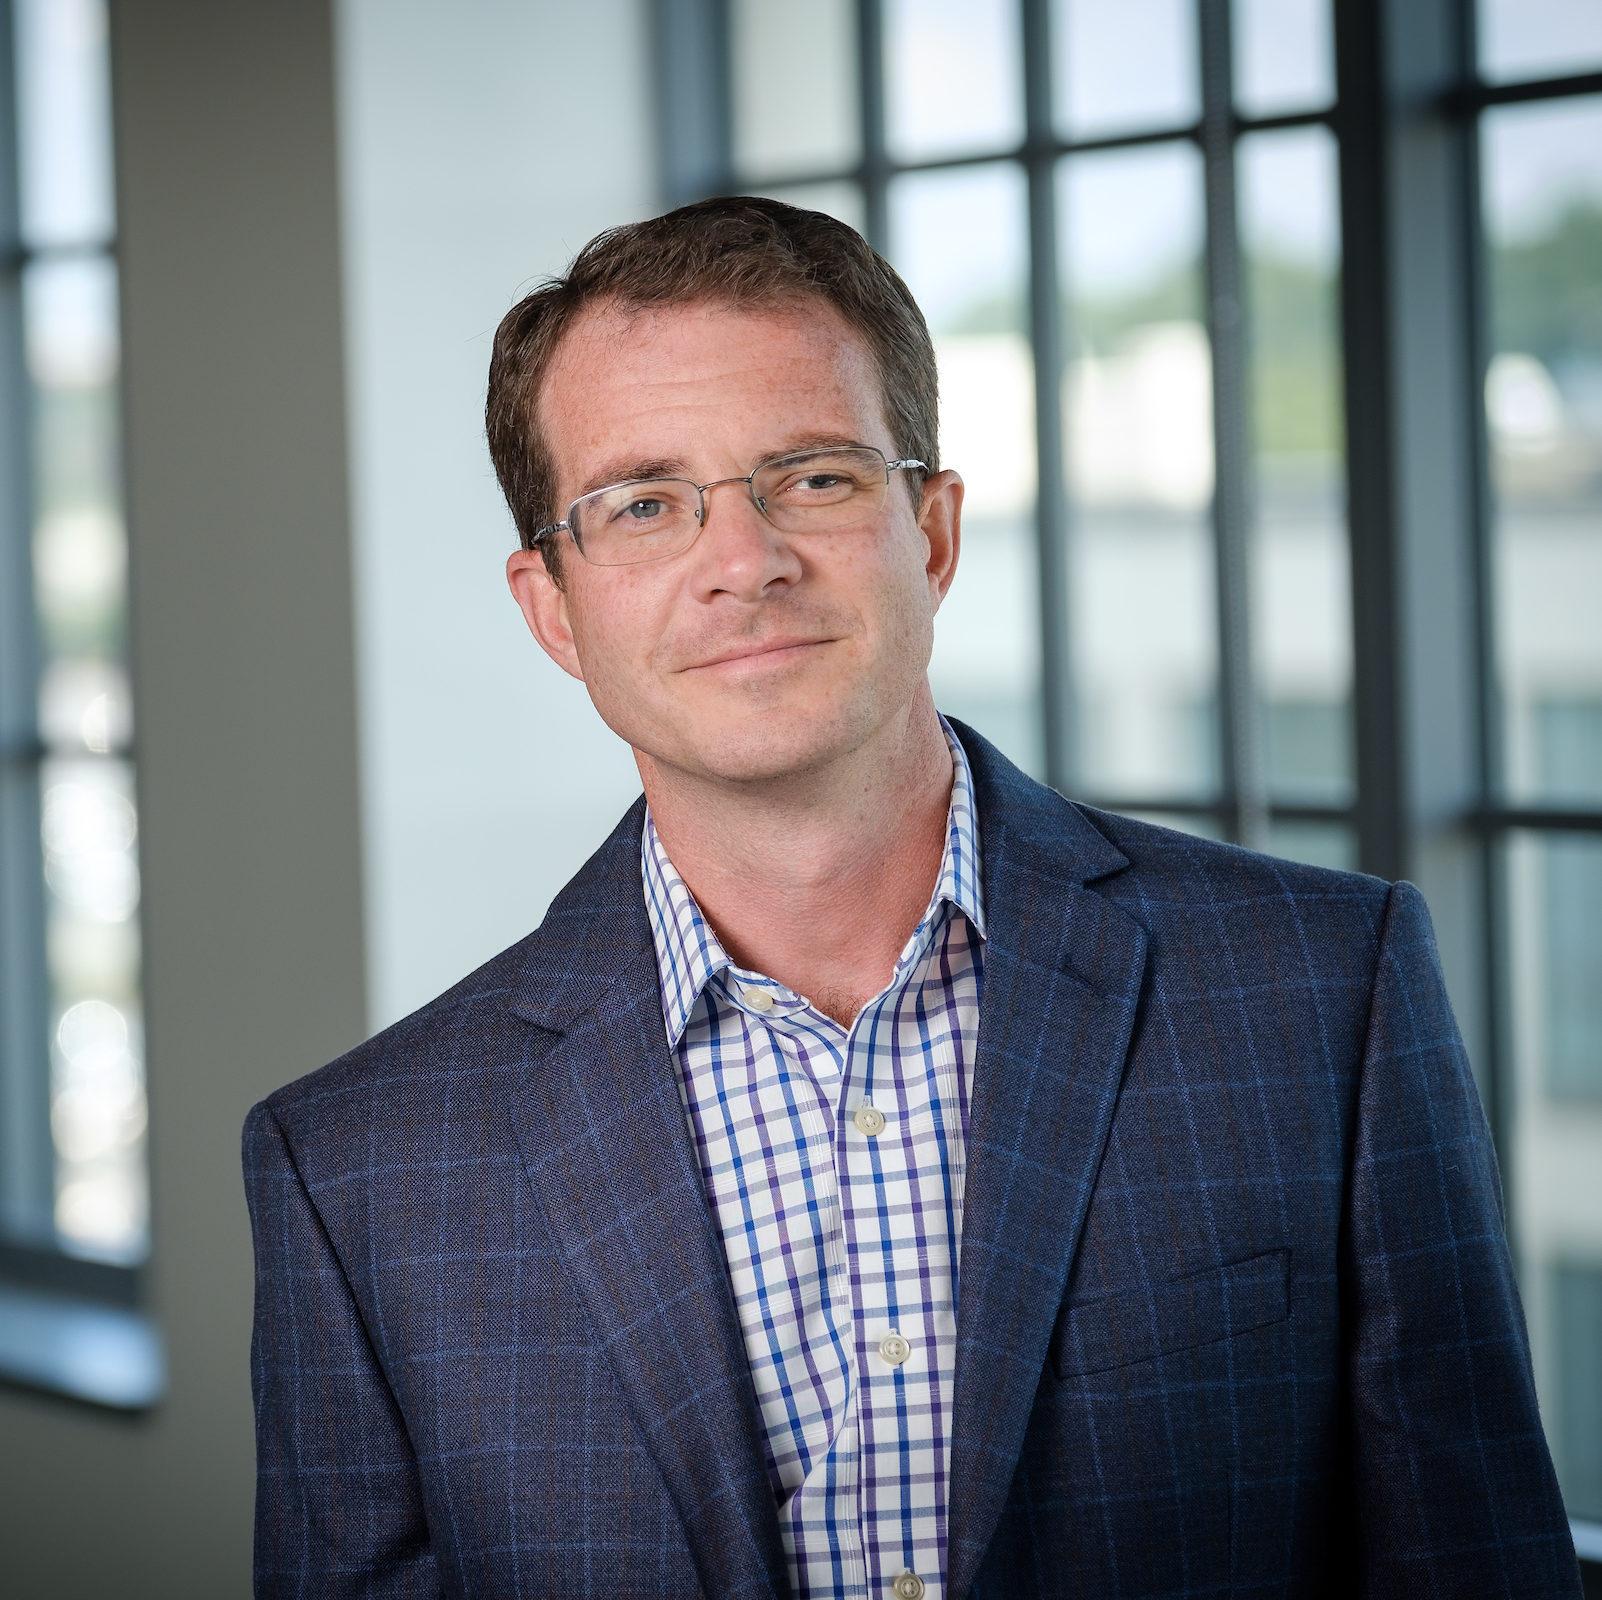 Dr. Michael Gross